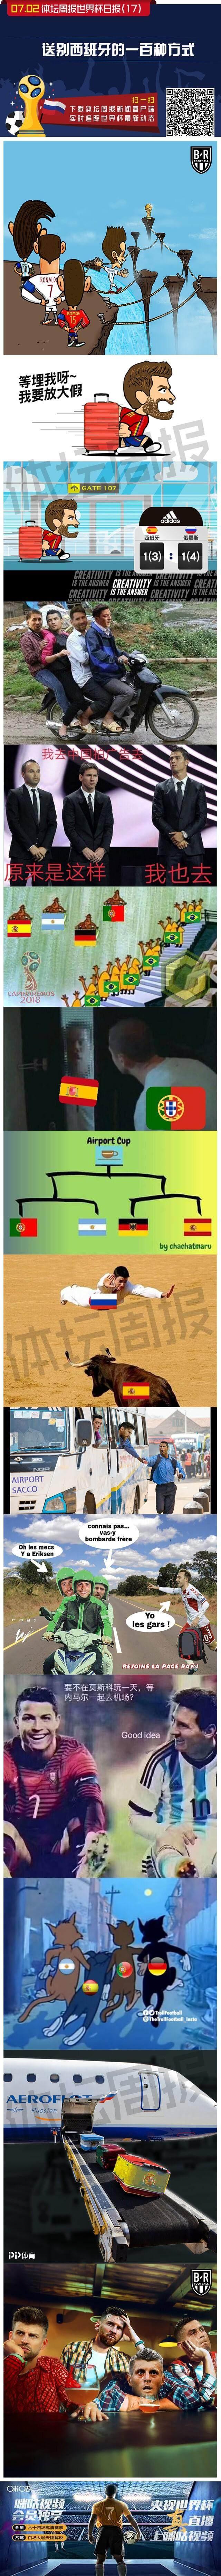 送西班牙的方式.jpg